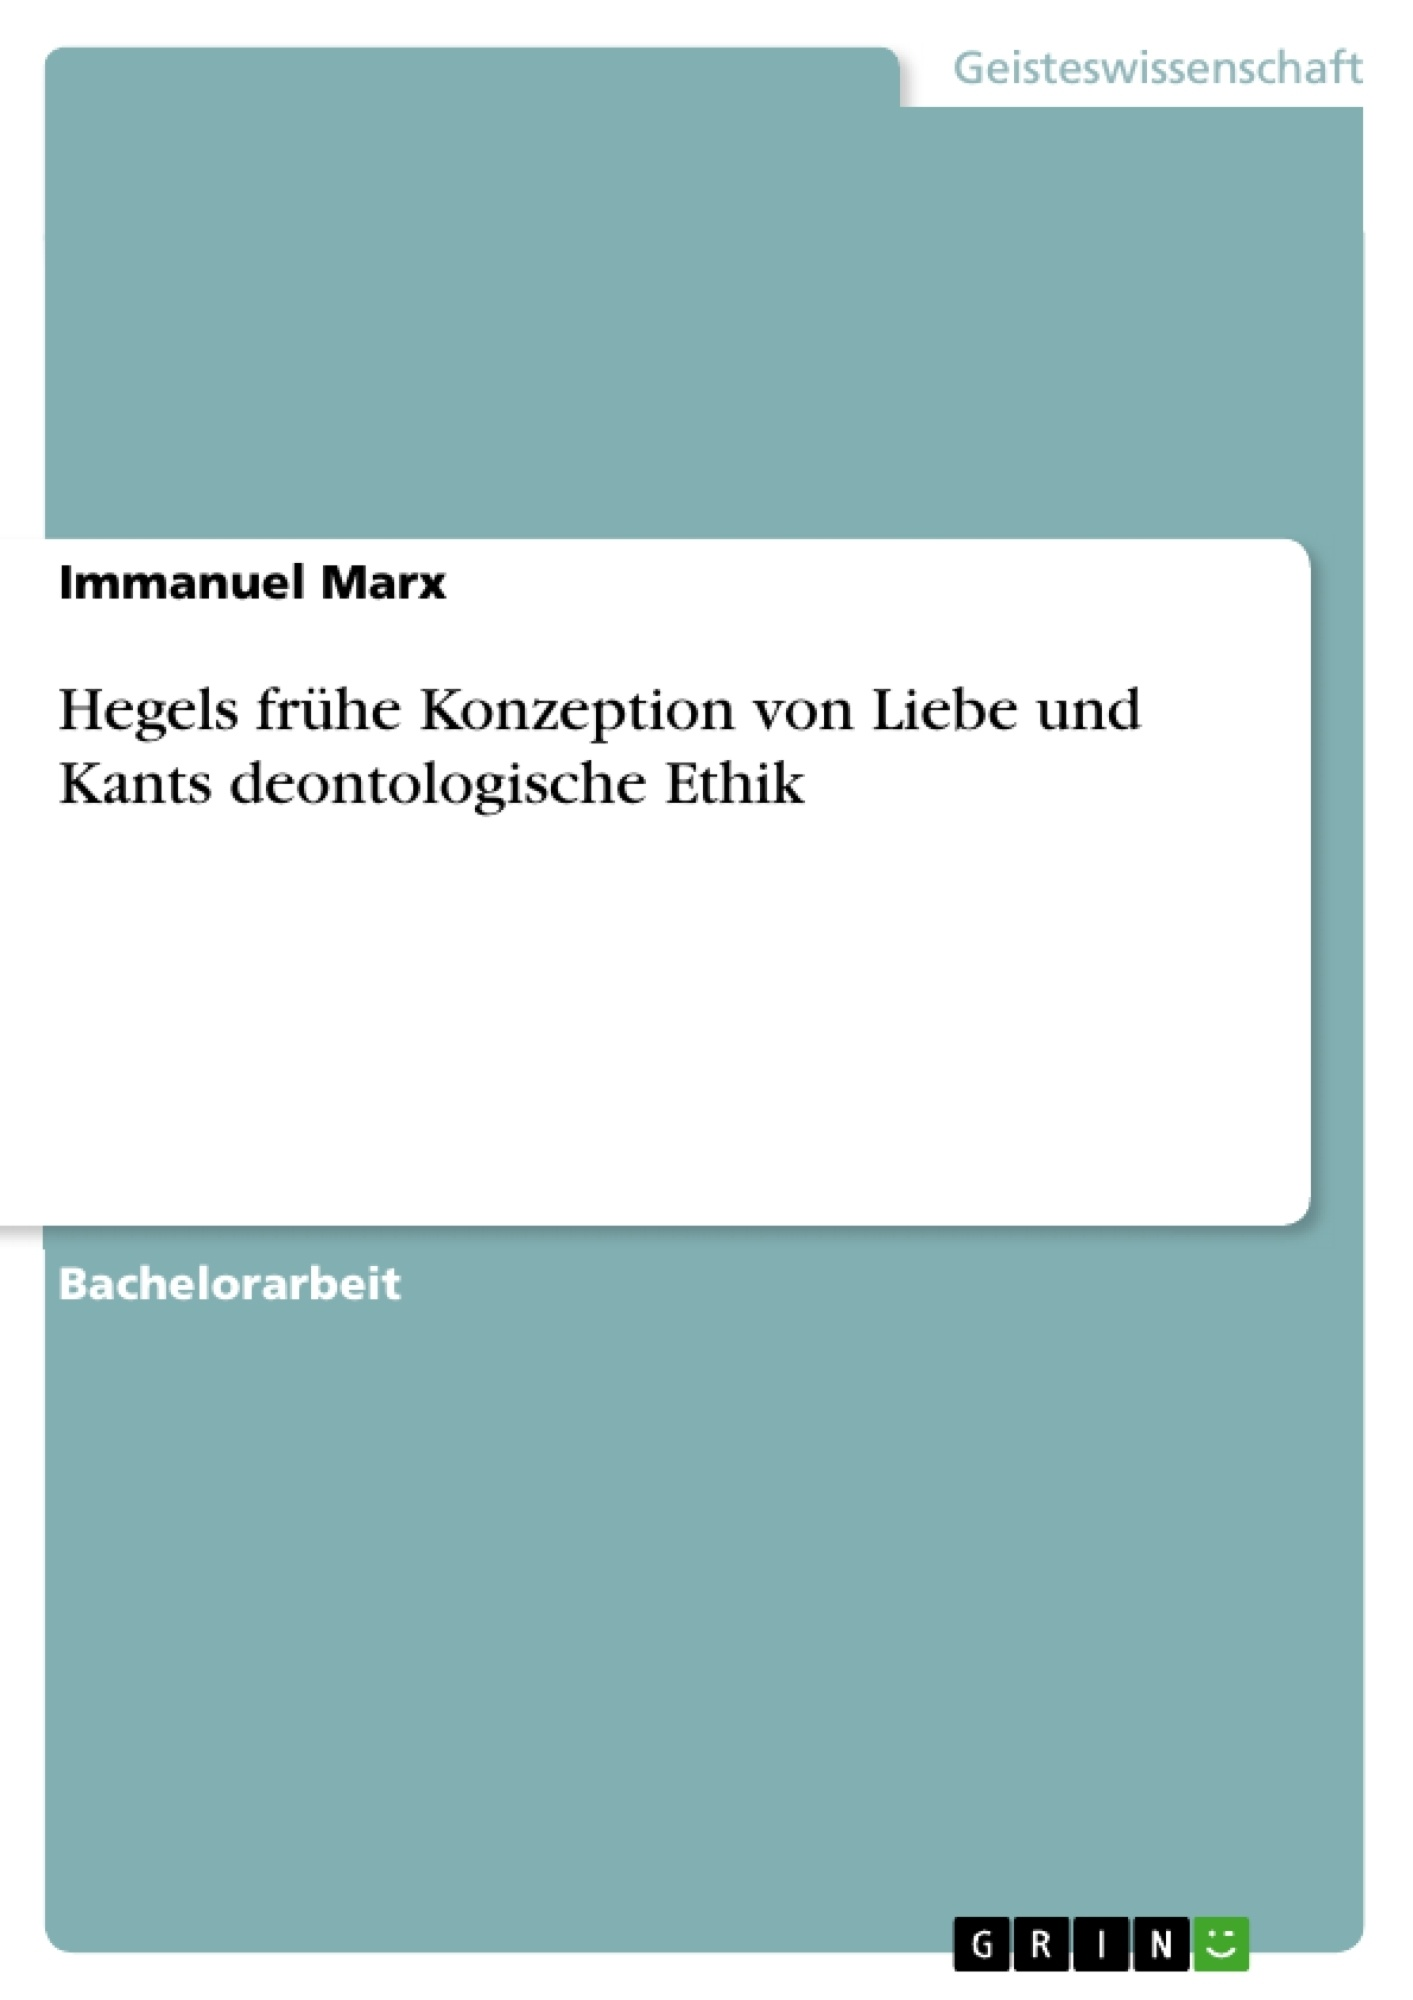 Titel: Hegels frühe Konzeption von Liebe und Kants deontologische Ethik